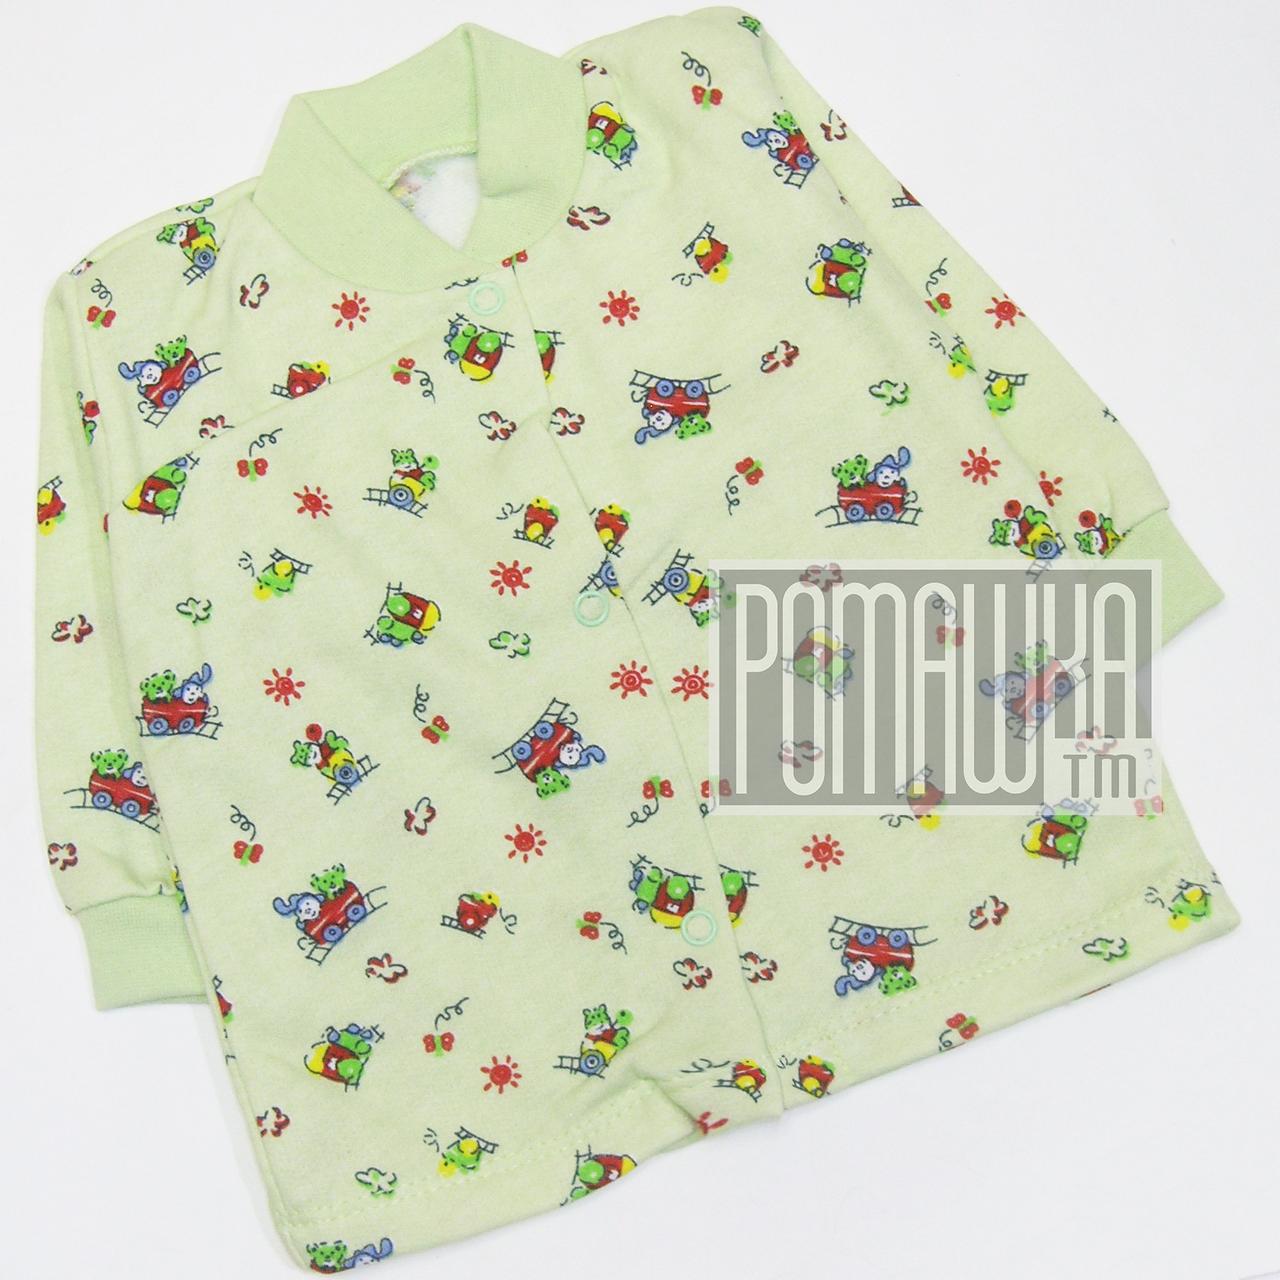 Дитяча кофточка р. 80-86 з начосом демісезонна тканина ФУТЕР 100% бавовна, ТМ Алекс 1664 Зелений